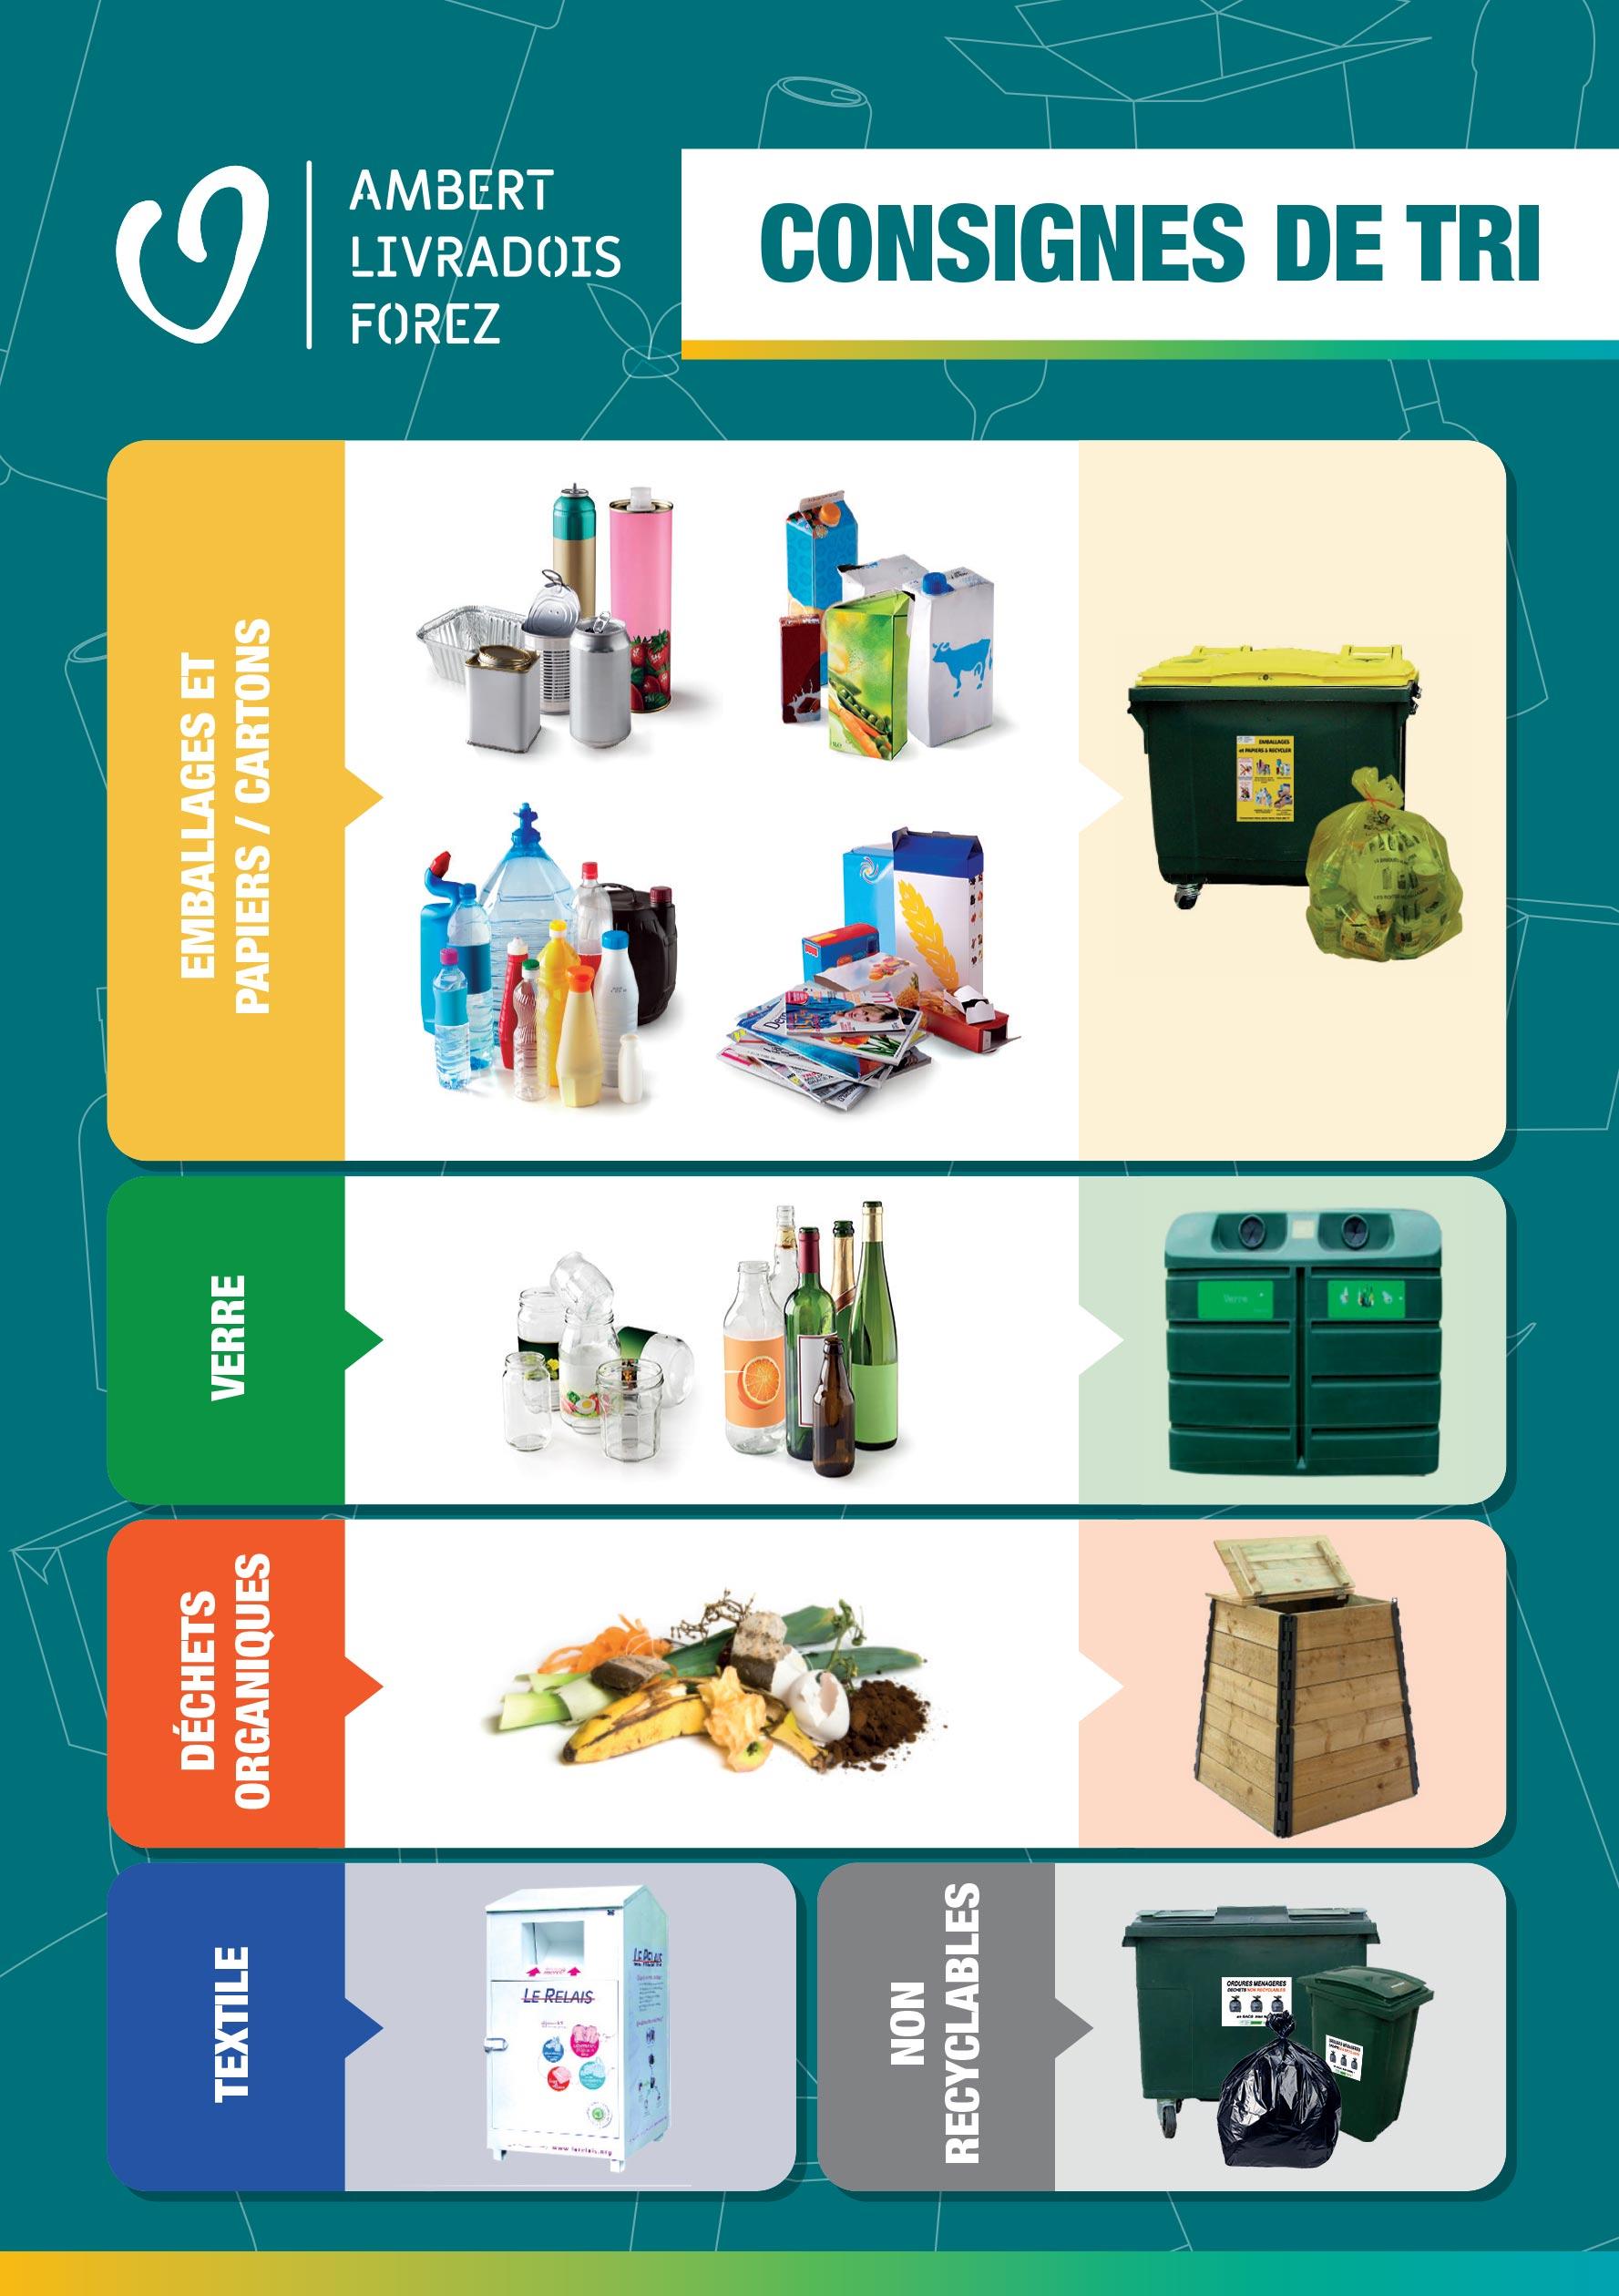 Tri Selectif Couleur Des Poubelles : selectif, couleur, poubelles, Sélectif, Ambert, Livradois, Forez, Communauté, Communes